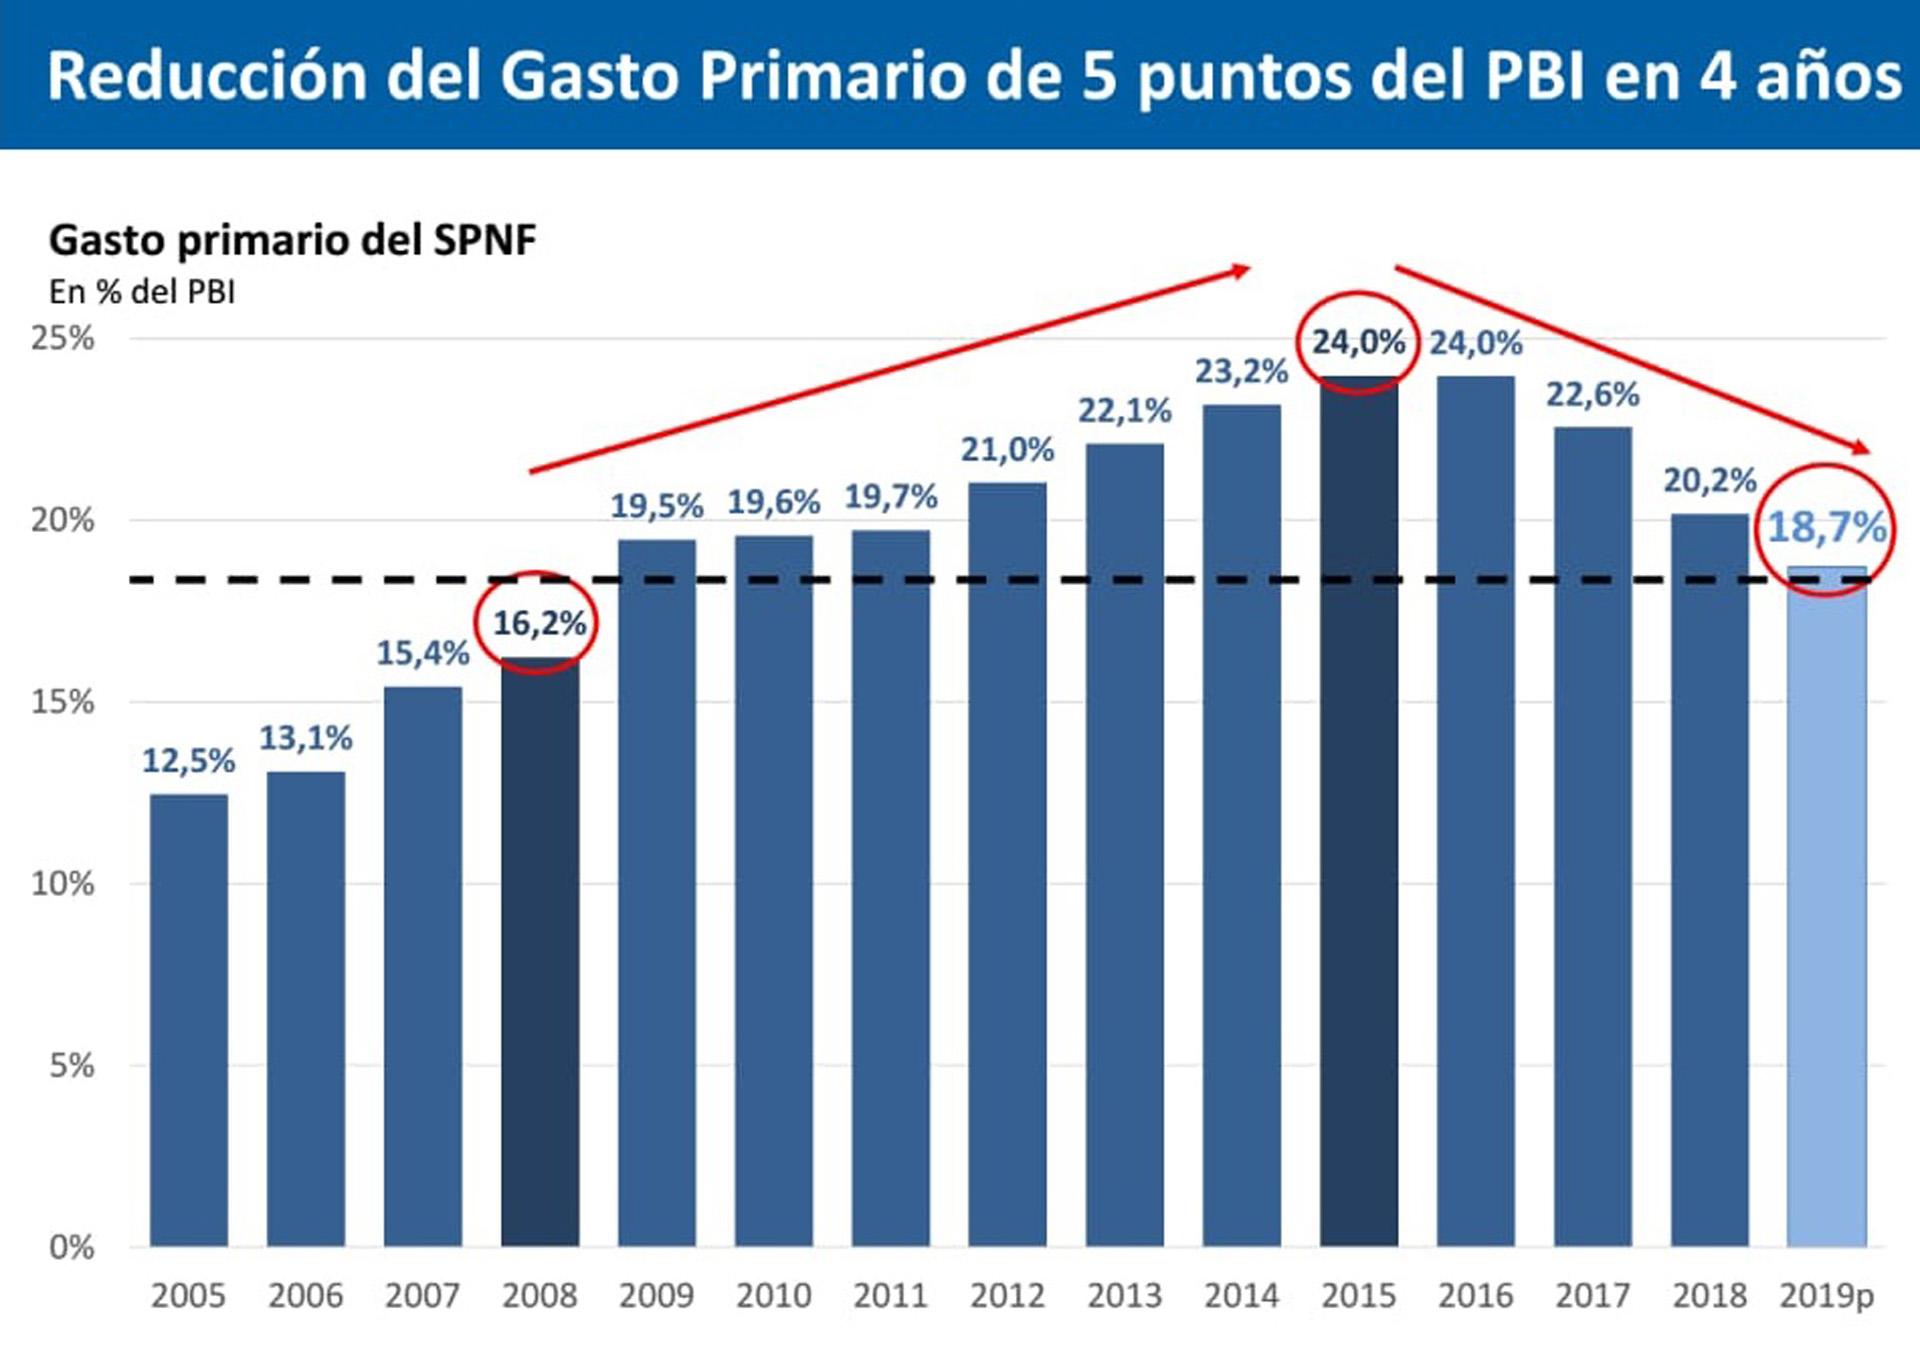 Reducción del gasto primario de 5 puntos del PBI en los últimos 4 años